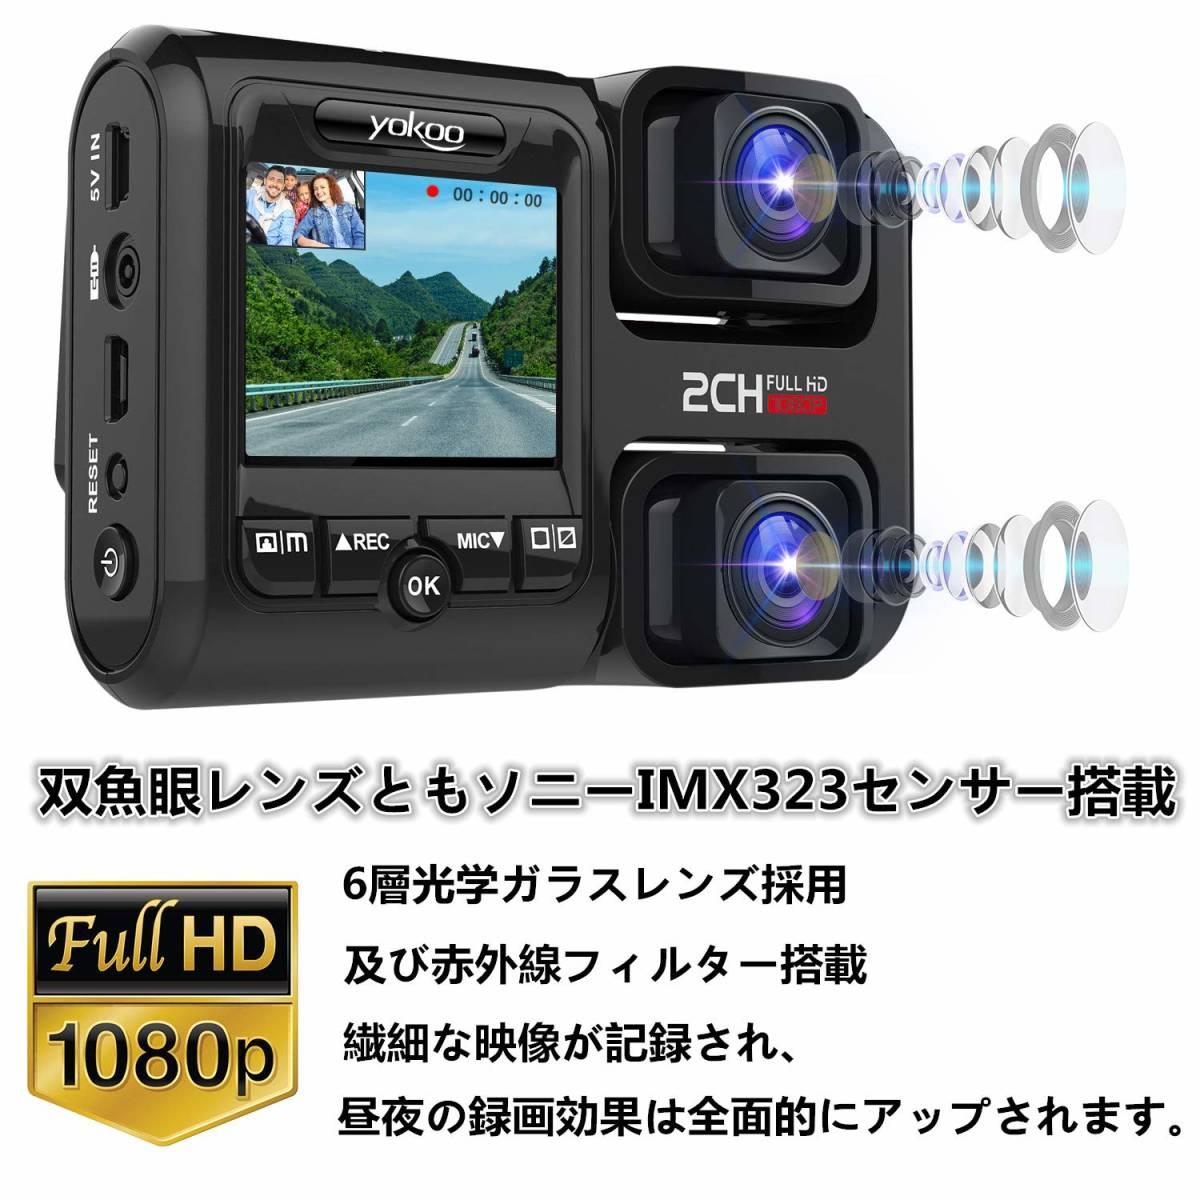 新品未使用 【32Gカード付き】ドライブレコーダー 前後カメラ 1080PフルHD wifi搭載 内蔵GPS sonyセンサー 1200万画素_画像2